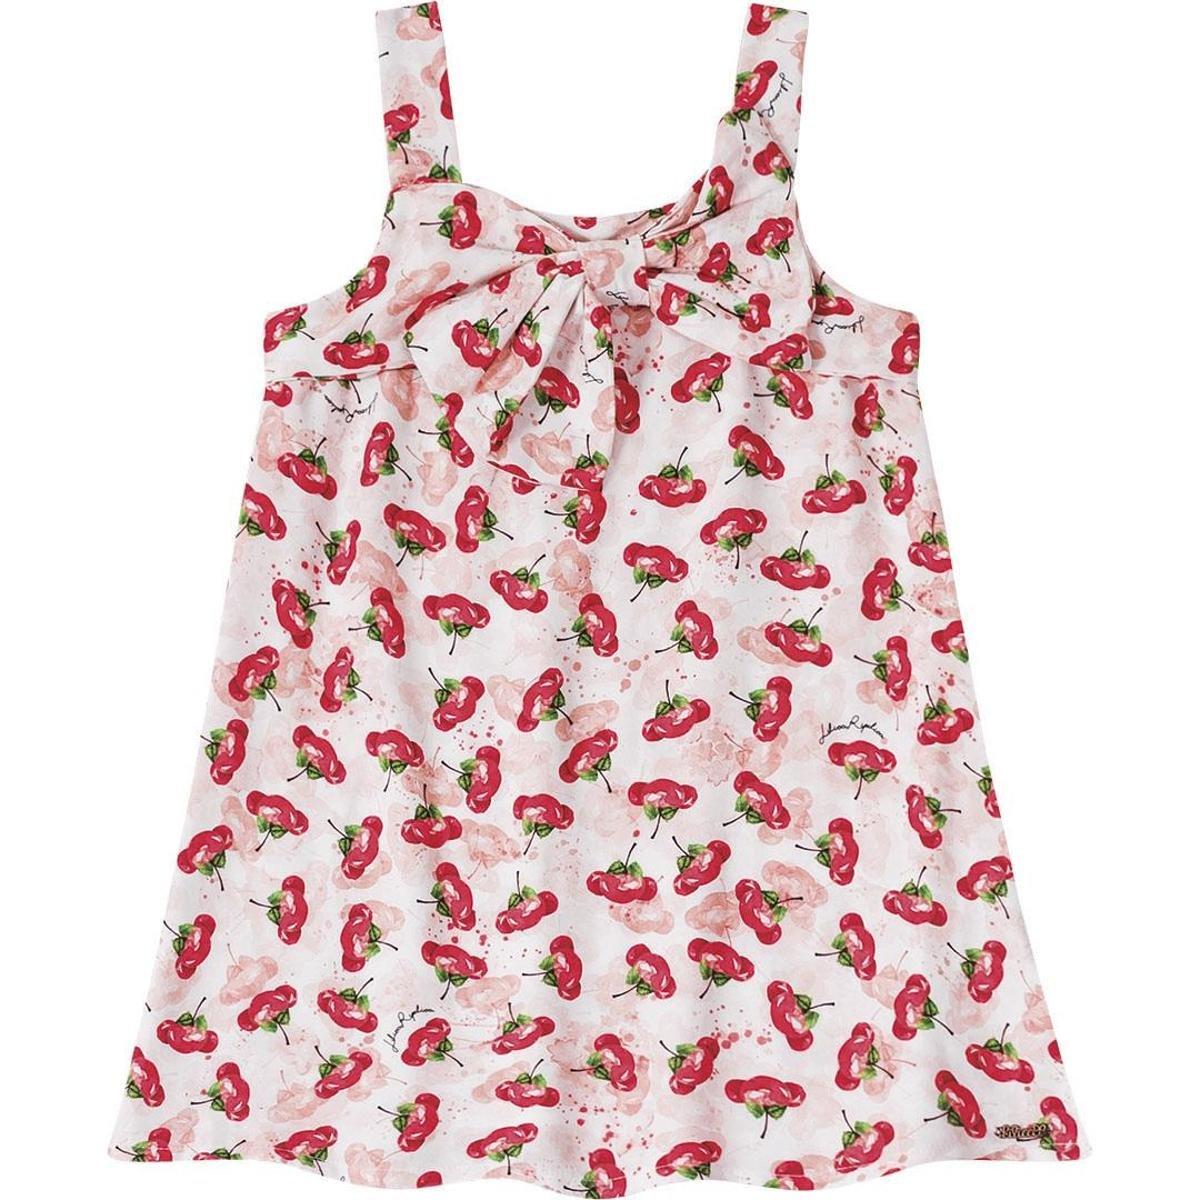 98c7d2c8d Vestido Infantil Cerejas Lilica Ripilica - Rosa - Compre Agora   Zattini